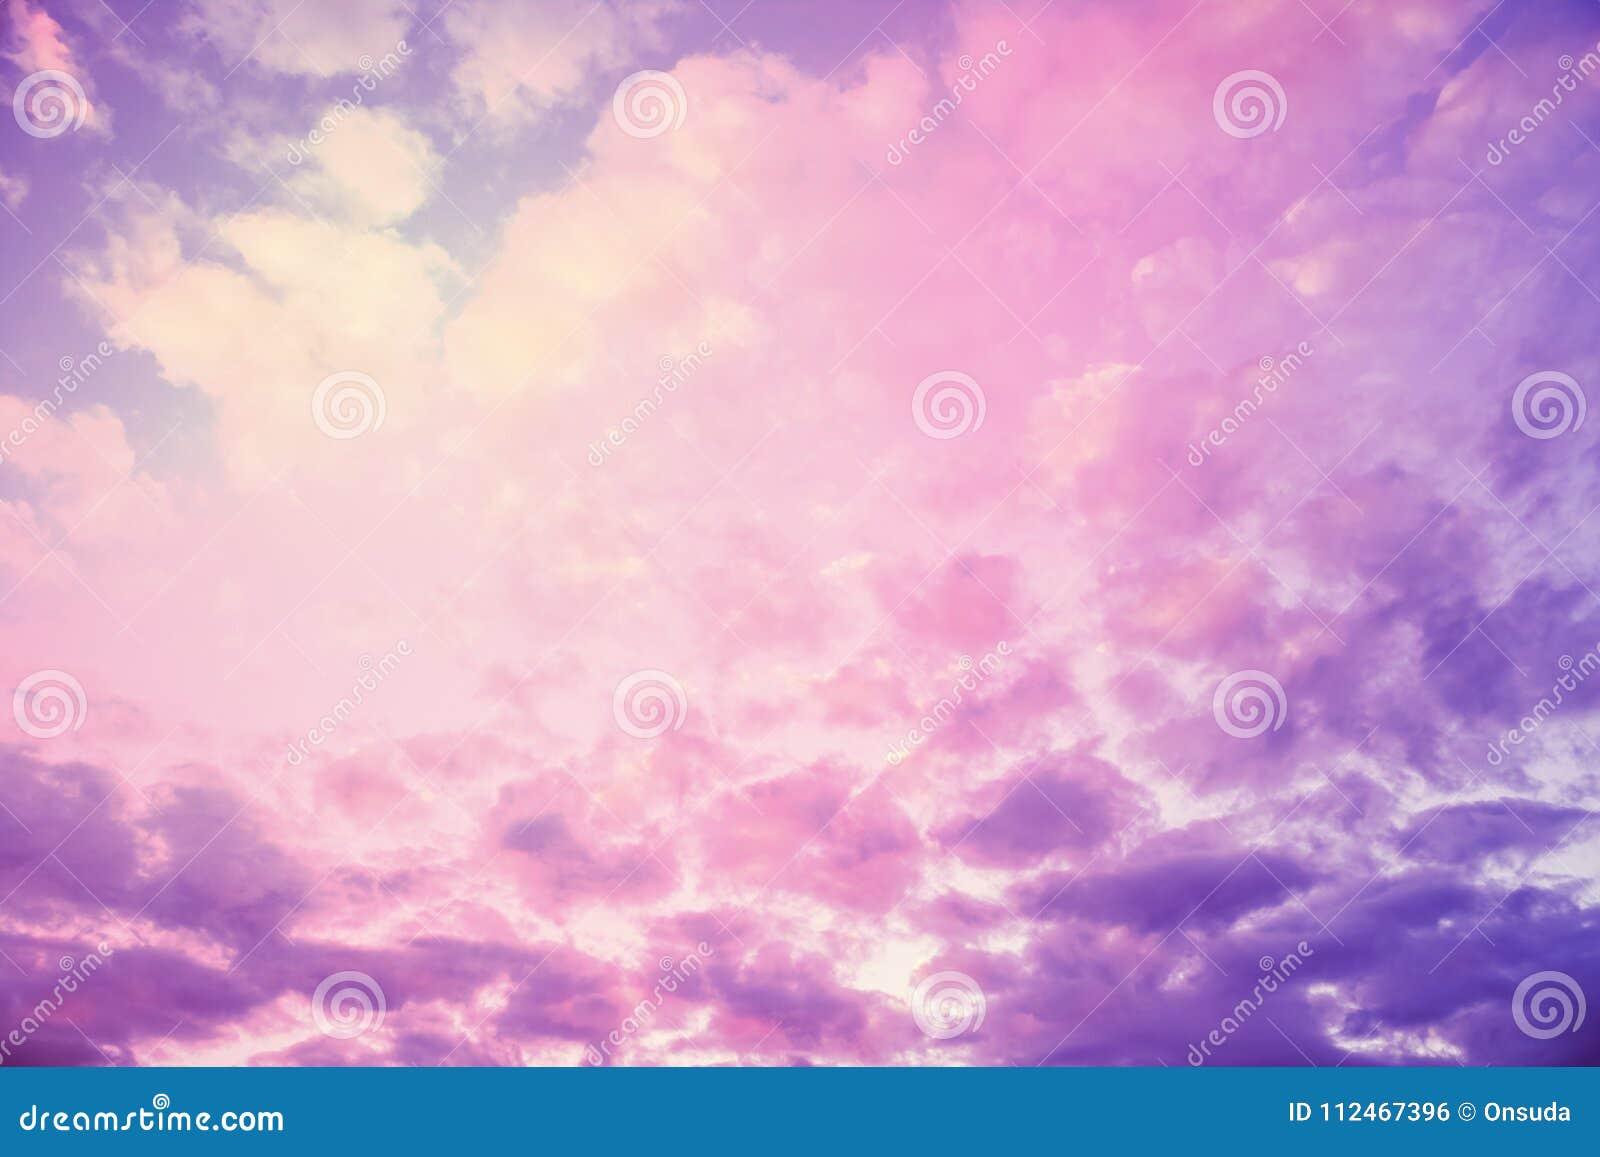 Texturas De Colores Pastel: Textura En Colores Pastel Del Cielo Foto De Archivo